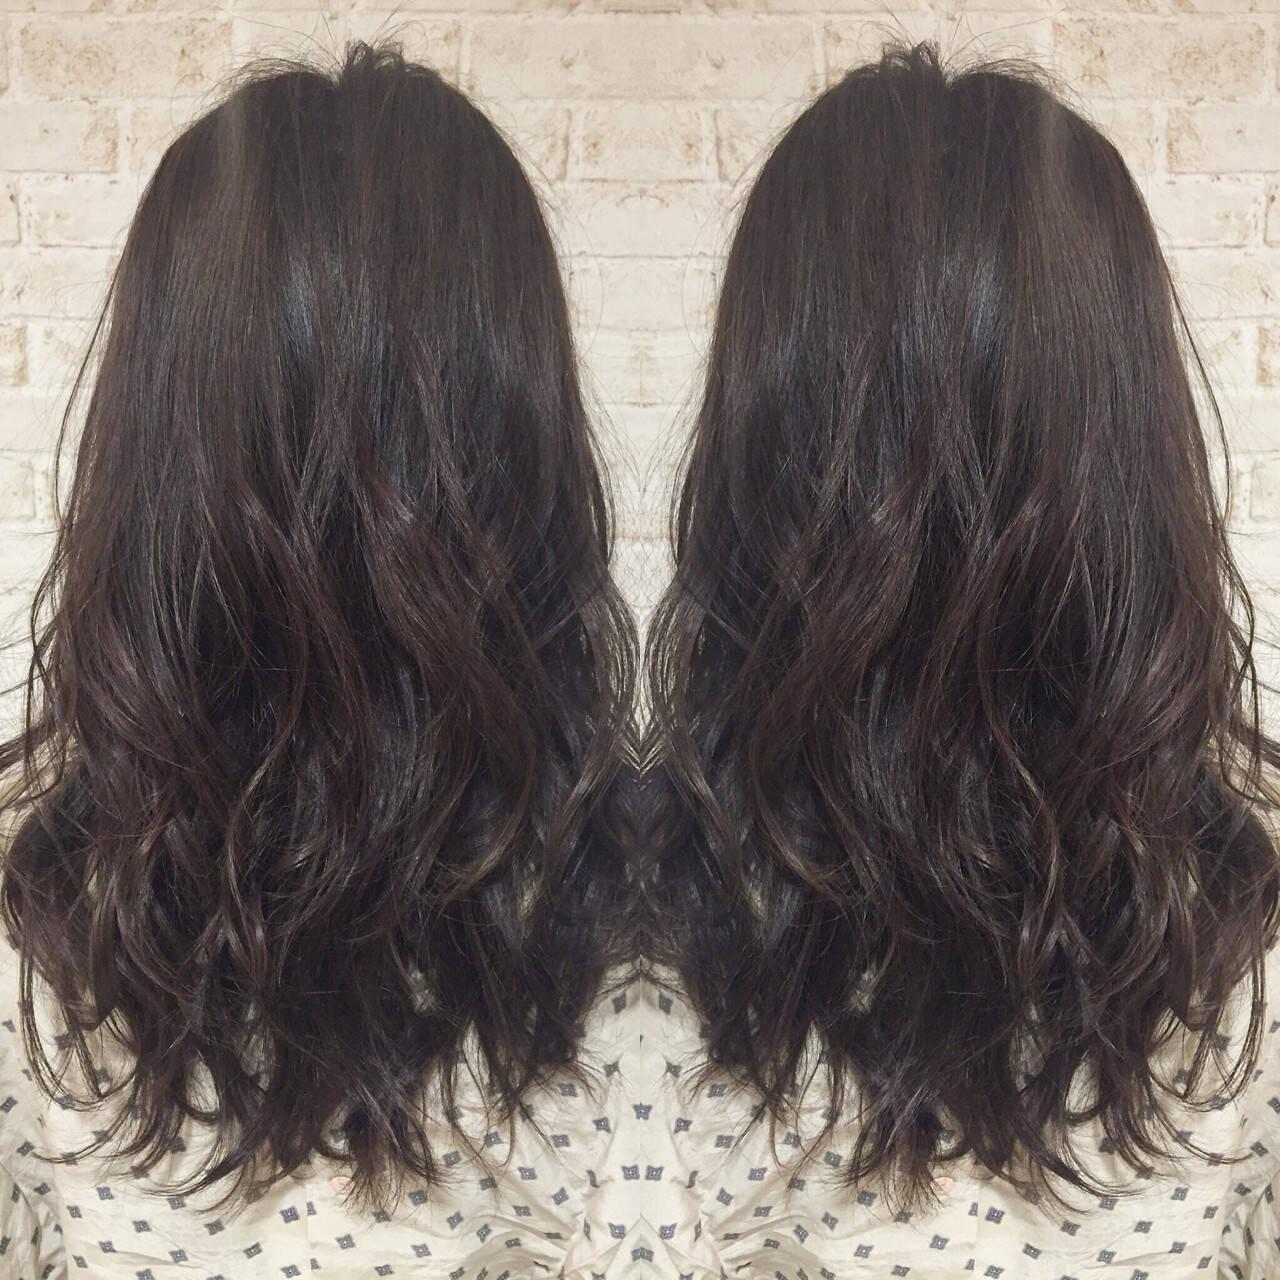 ナチュラル 暗髪 ロング 大人かわいいヘアスタイルや髪型の写真・画像